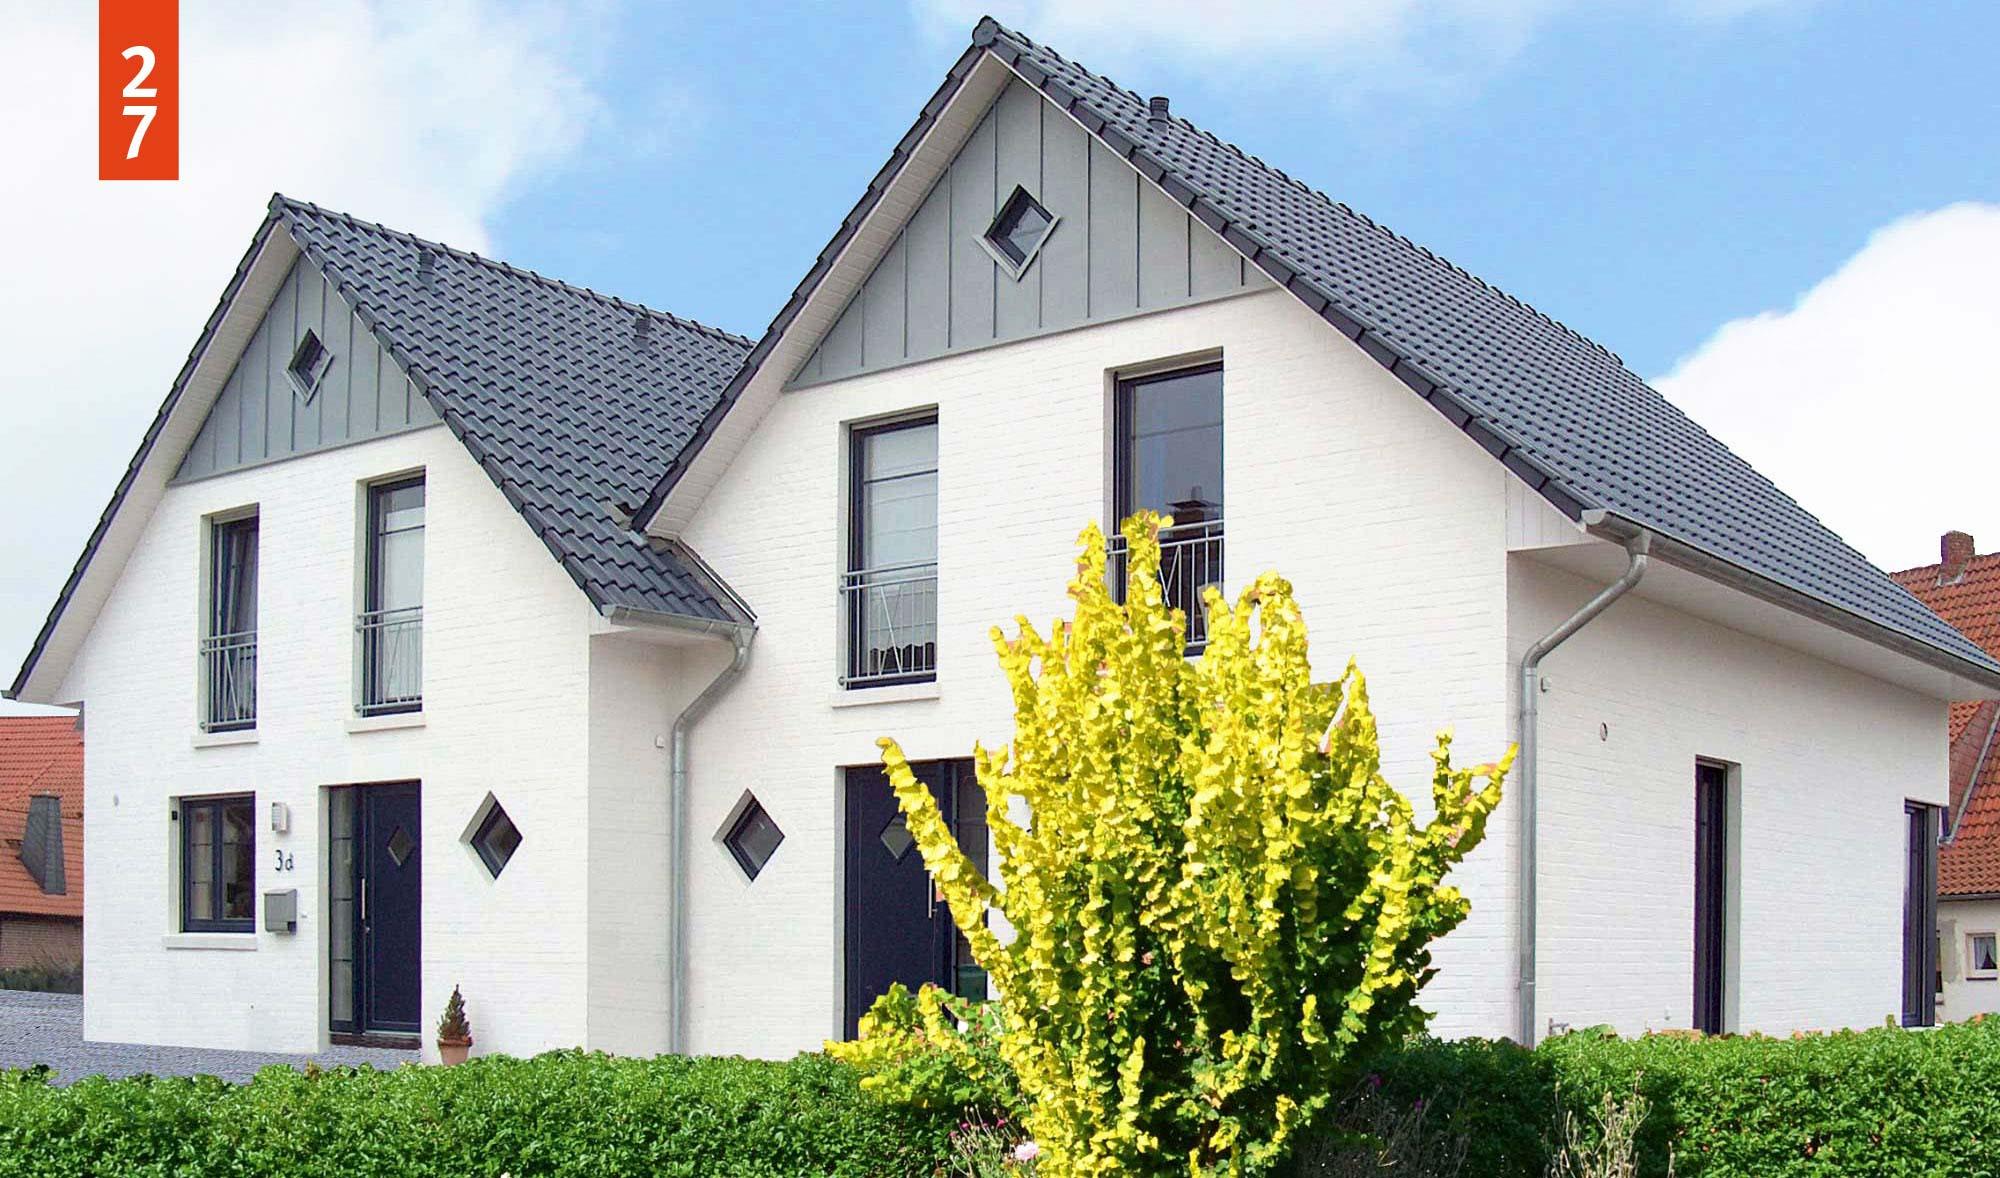 Doppelhaus Grundriss mit je 120 m² Wohnfläche